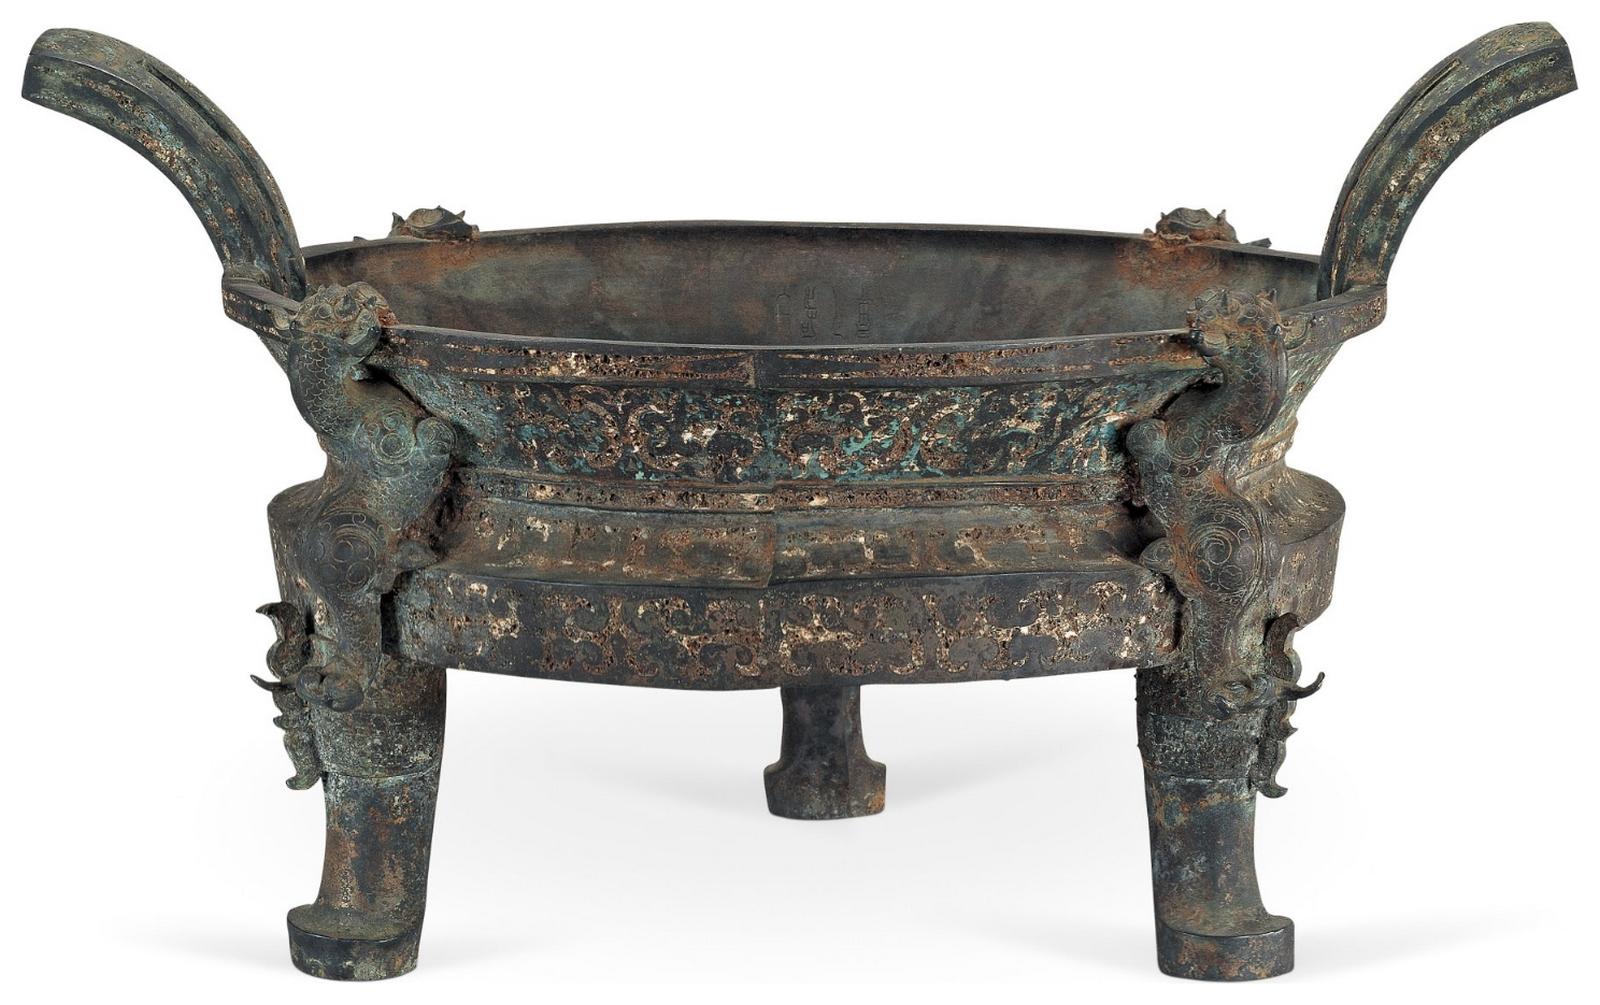 Bronze Sheng Ding, tombe du marquis Yi de Zeng, Zhou orientaux, Royaumes combattants